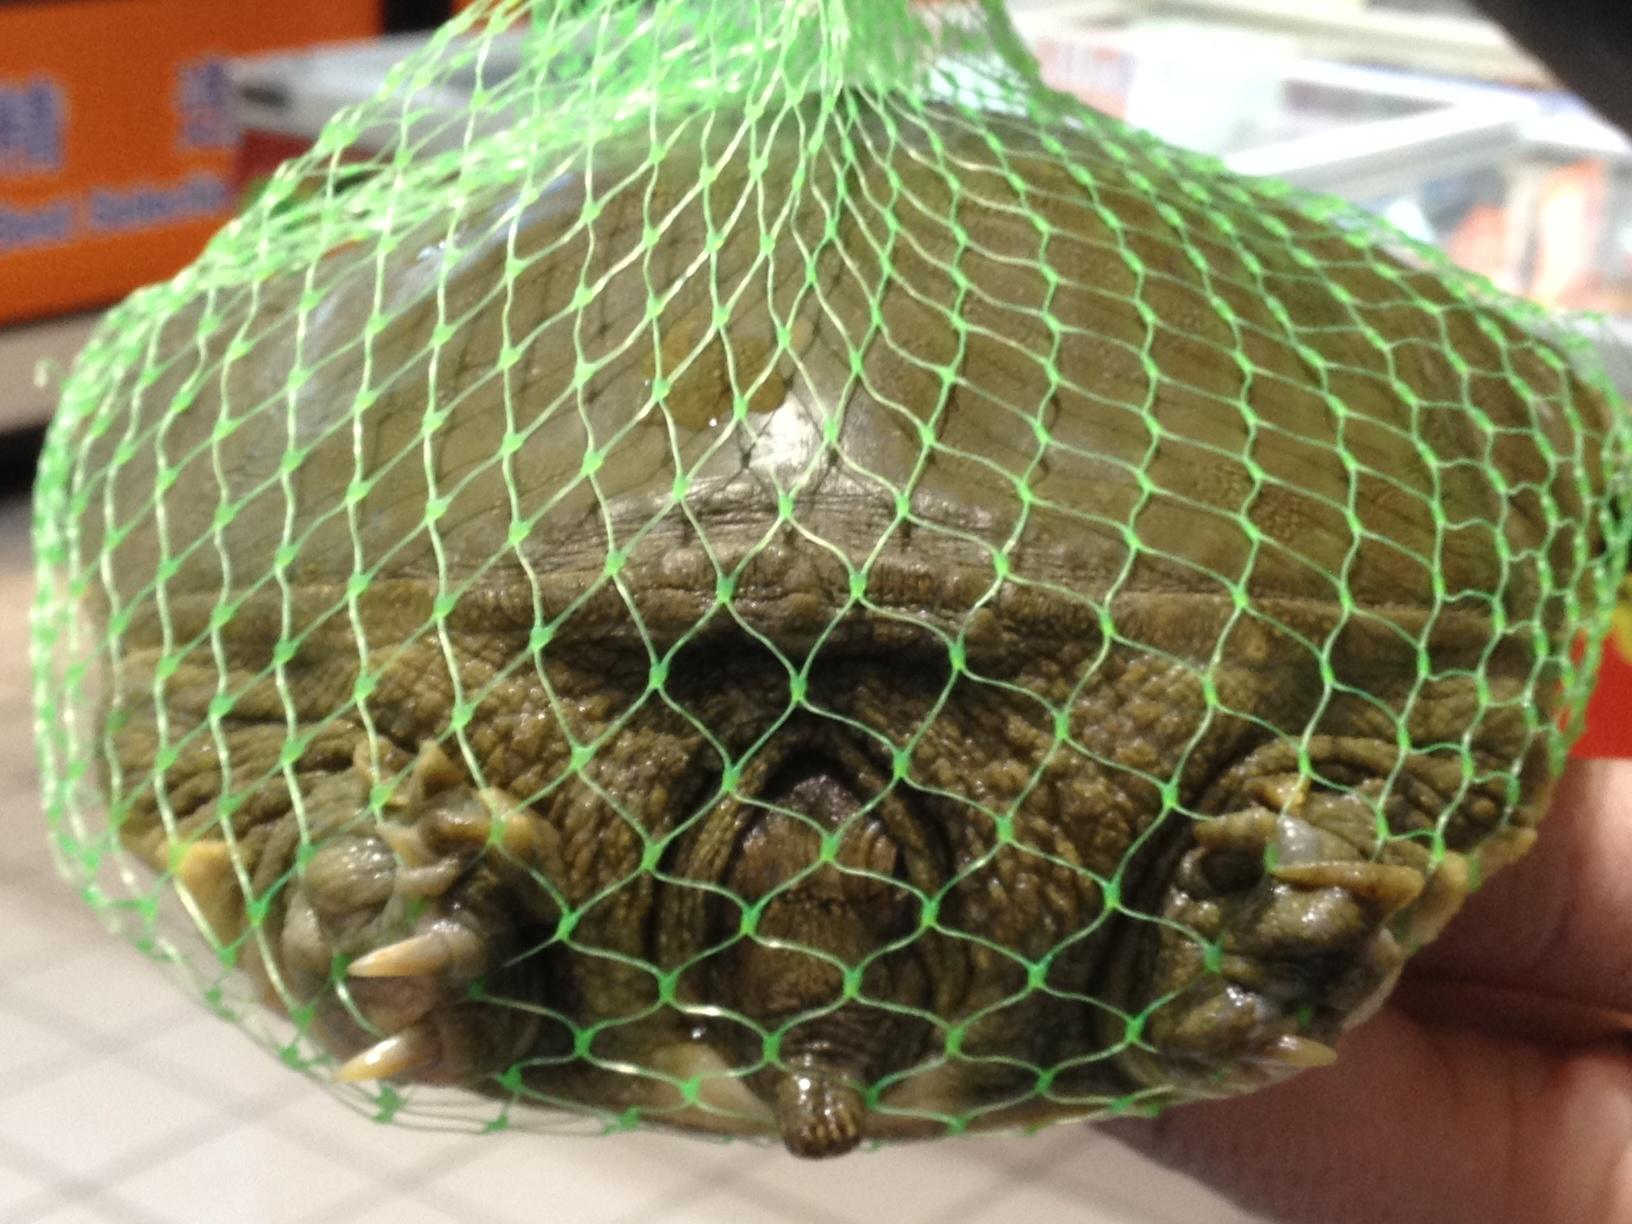 Schildkröte in einem chinesischen Supermarkt